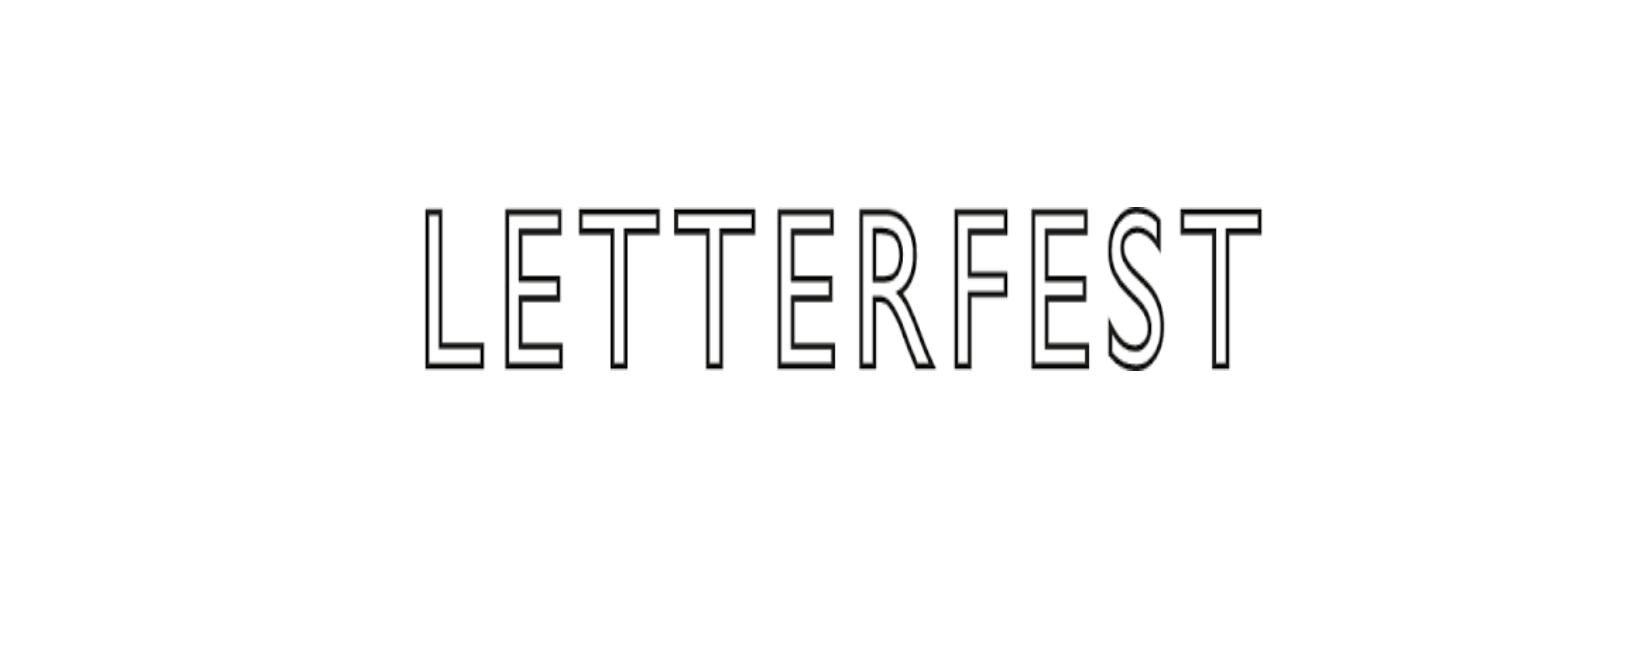 Letterfest UK Discount Code 2021